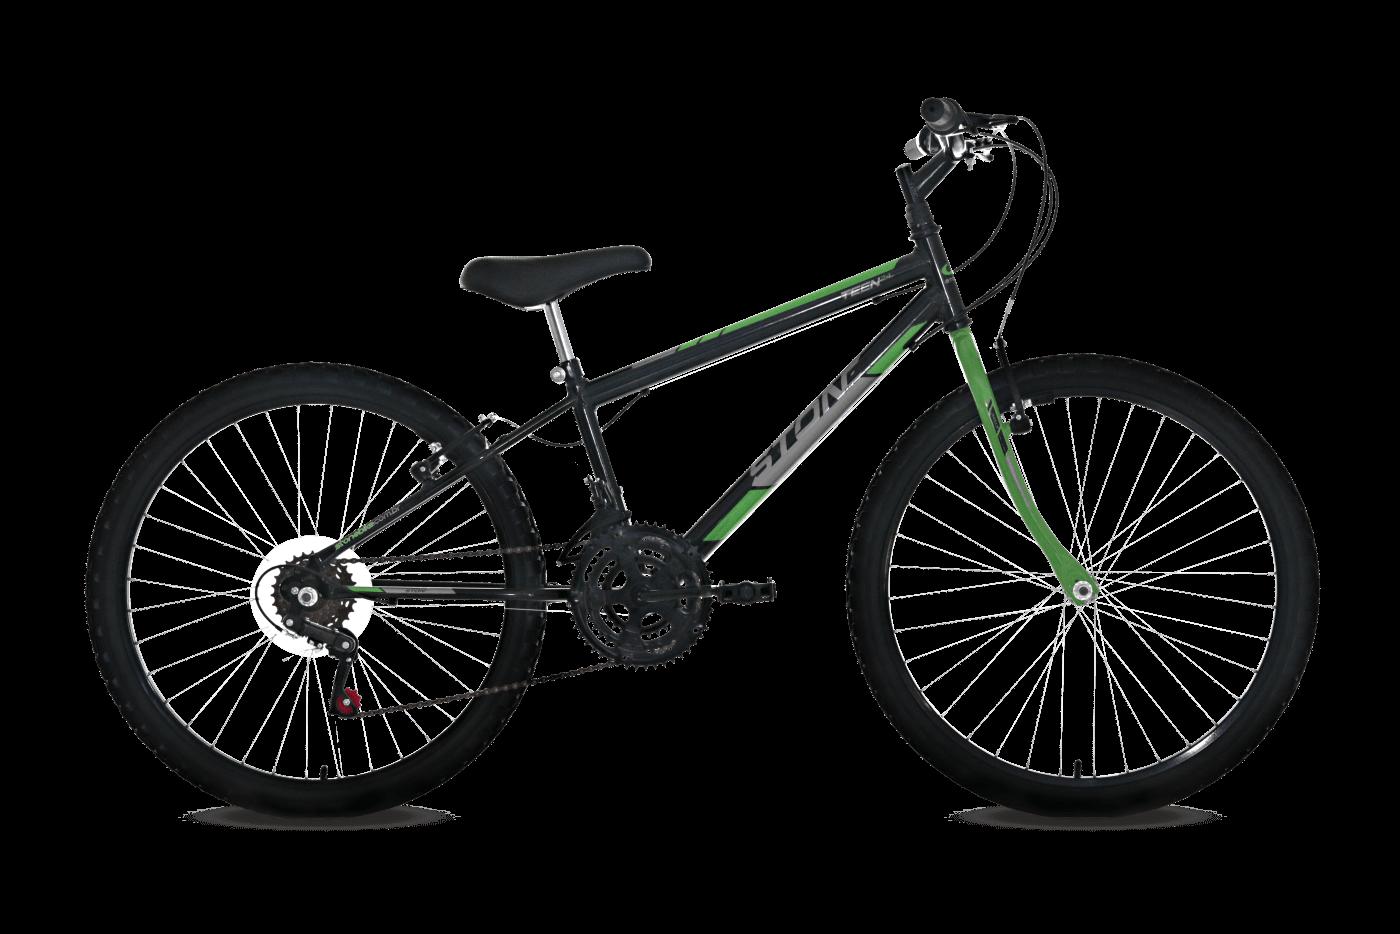 Ficha técnica e caractérísticas do produto Bicicleta Aro 24 Teen 18V Masculina